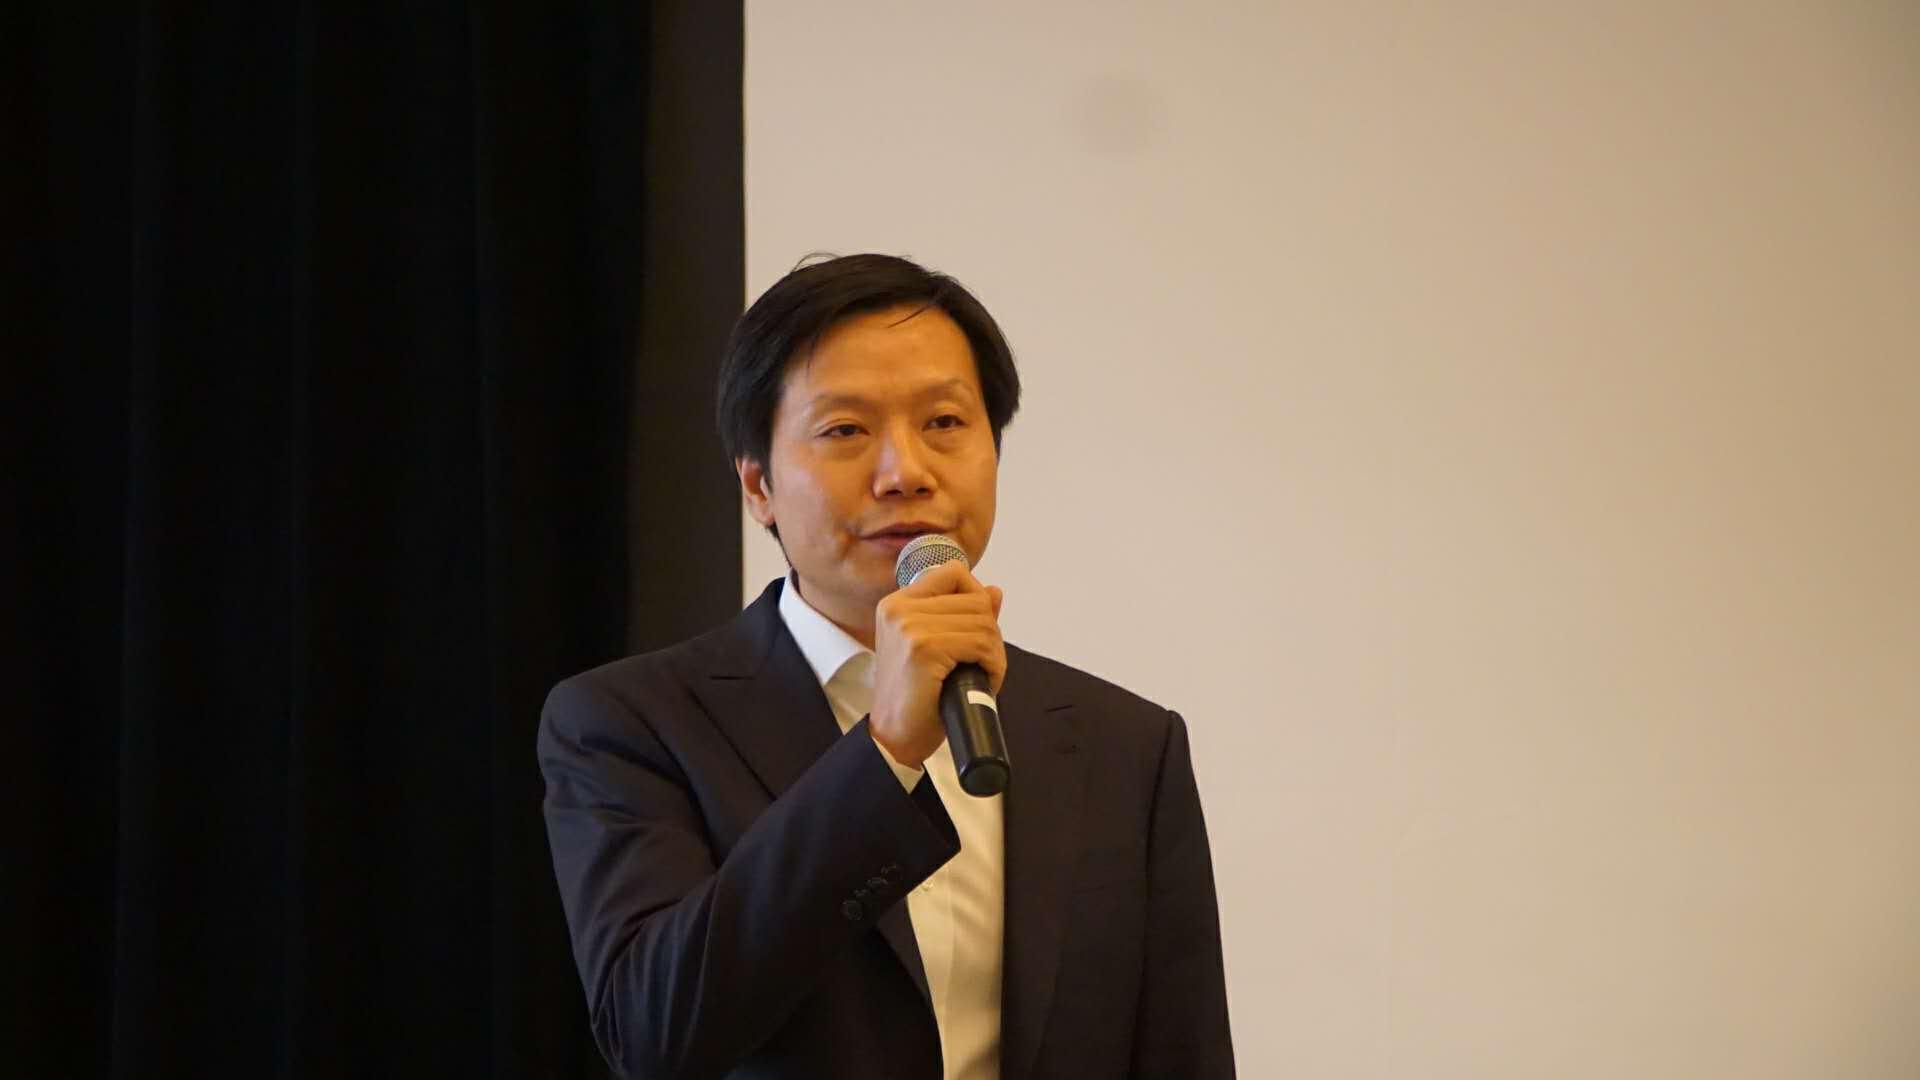 雷军:小米有意进军美国 暂不评论IPO计划